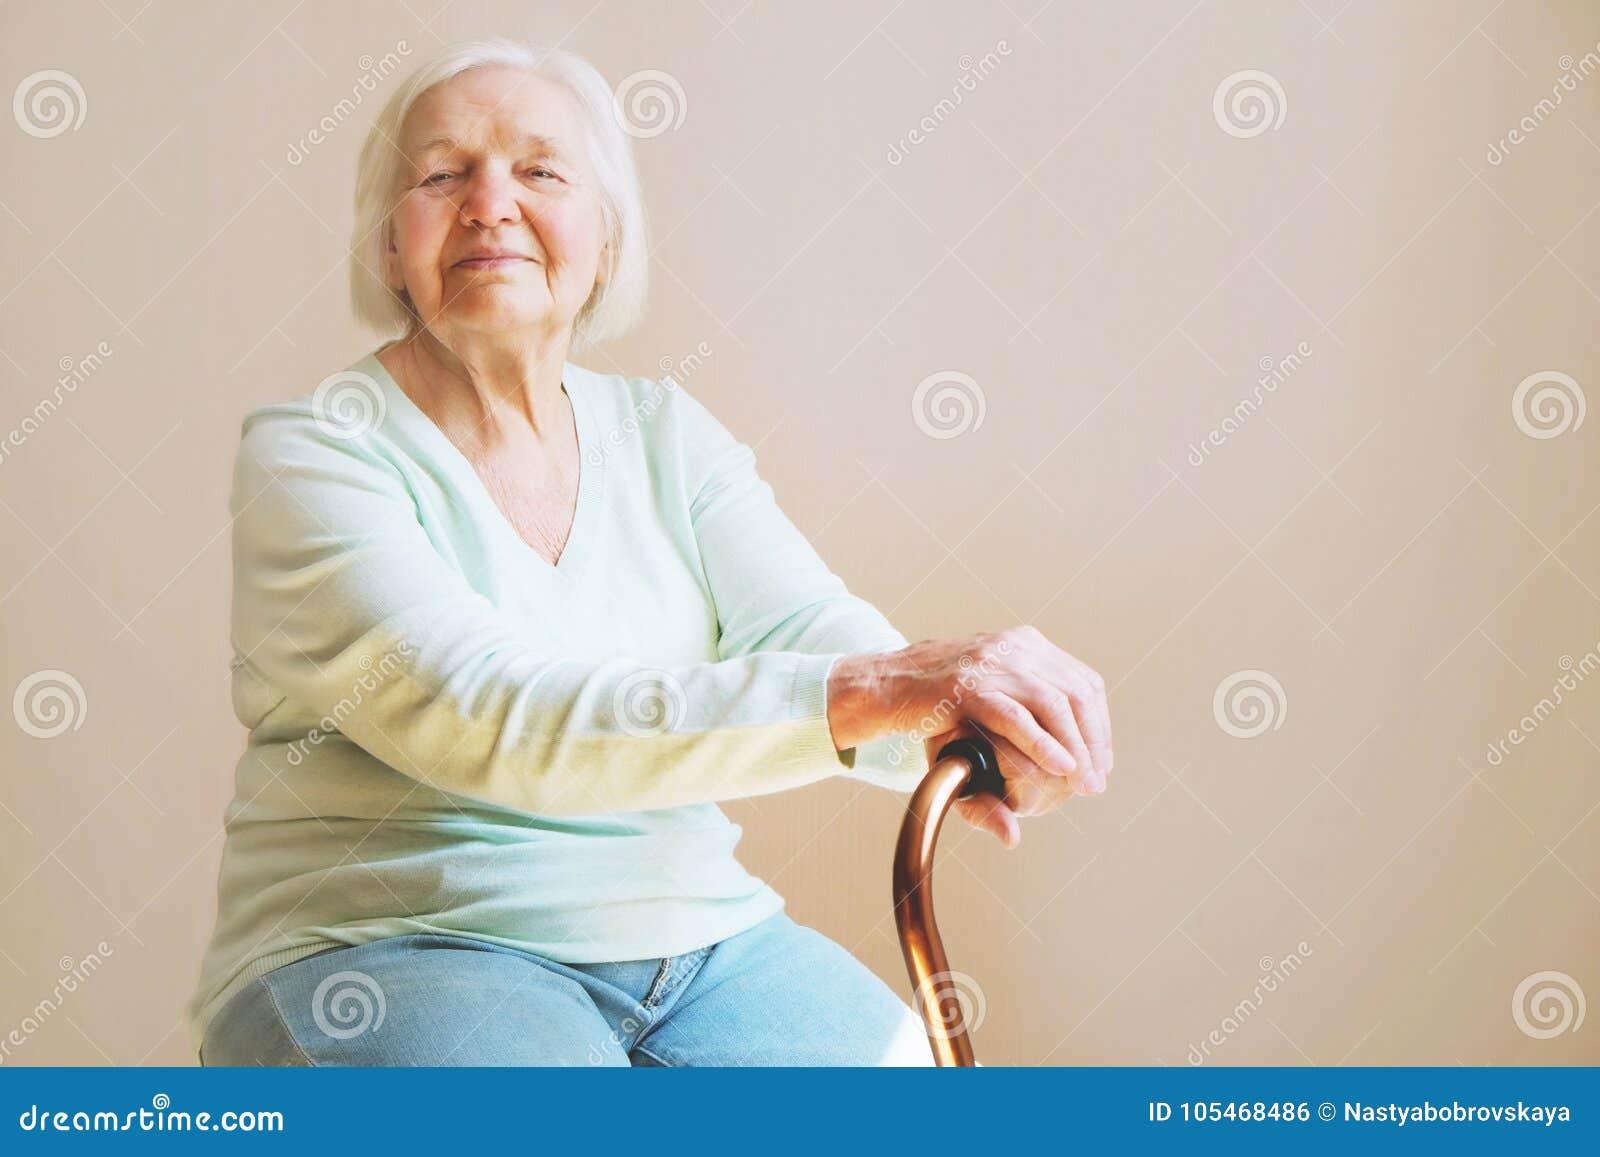 Porträt einer schönen lächelnden älteren Frau mit gehendem Stock auf hellem Hintergrund zu Hause